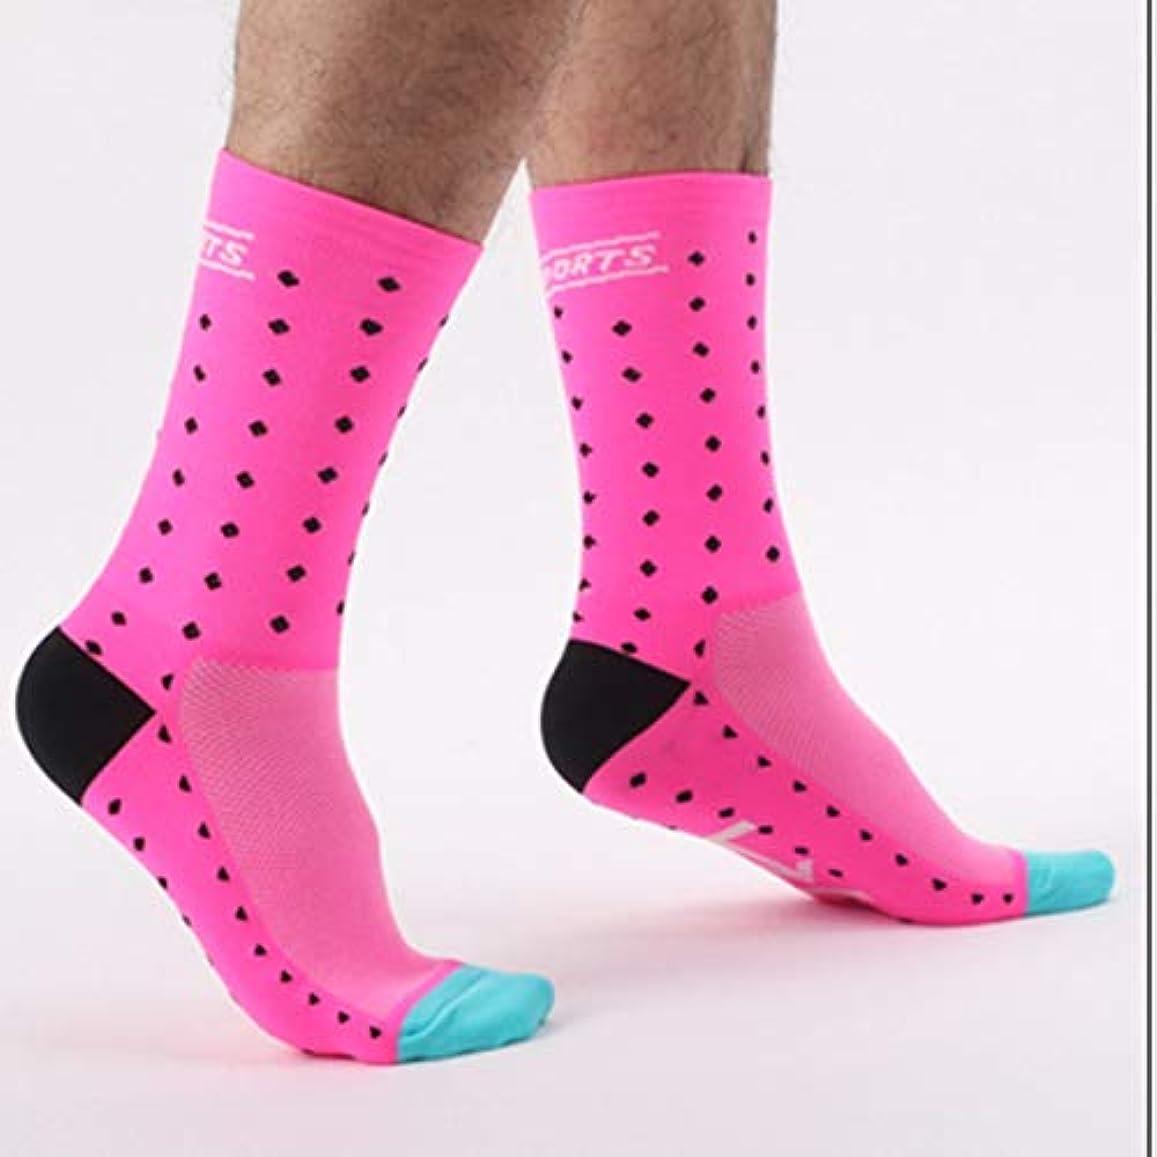 エスニック起こる鉱夫DH04快適なファッショナブルな屋外サイクリングソックス男性女性プロの通気性スポーツソックスバスケットボールソックス - ピンク